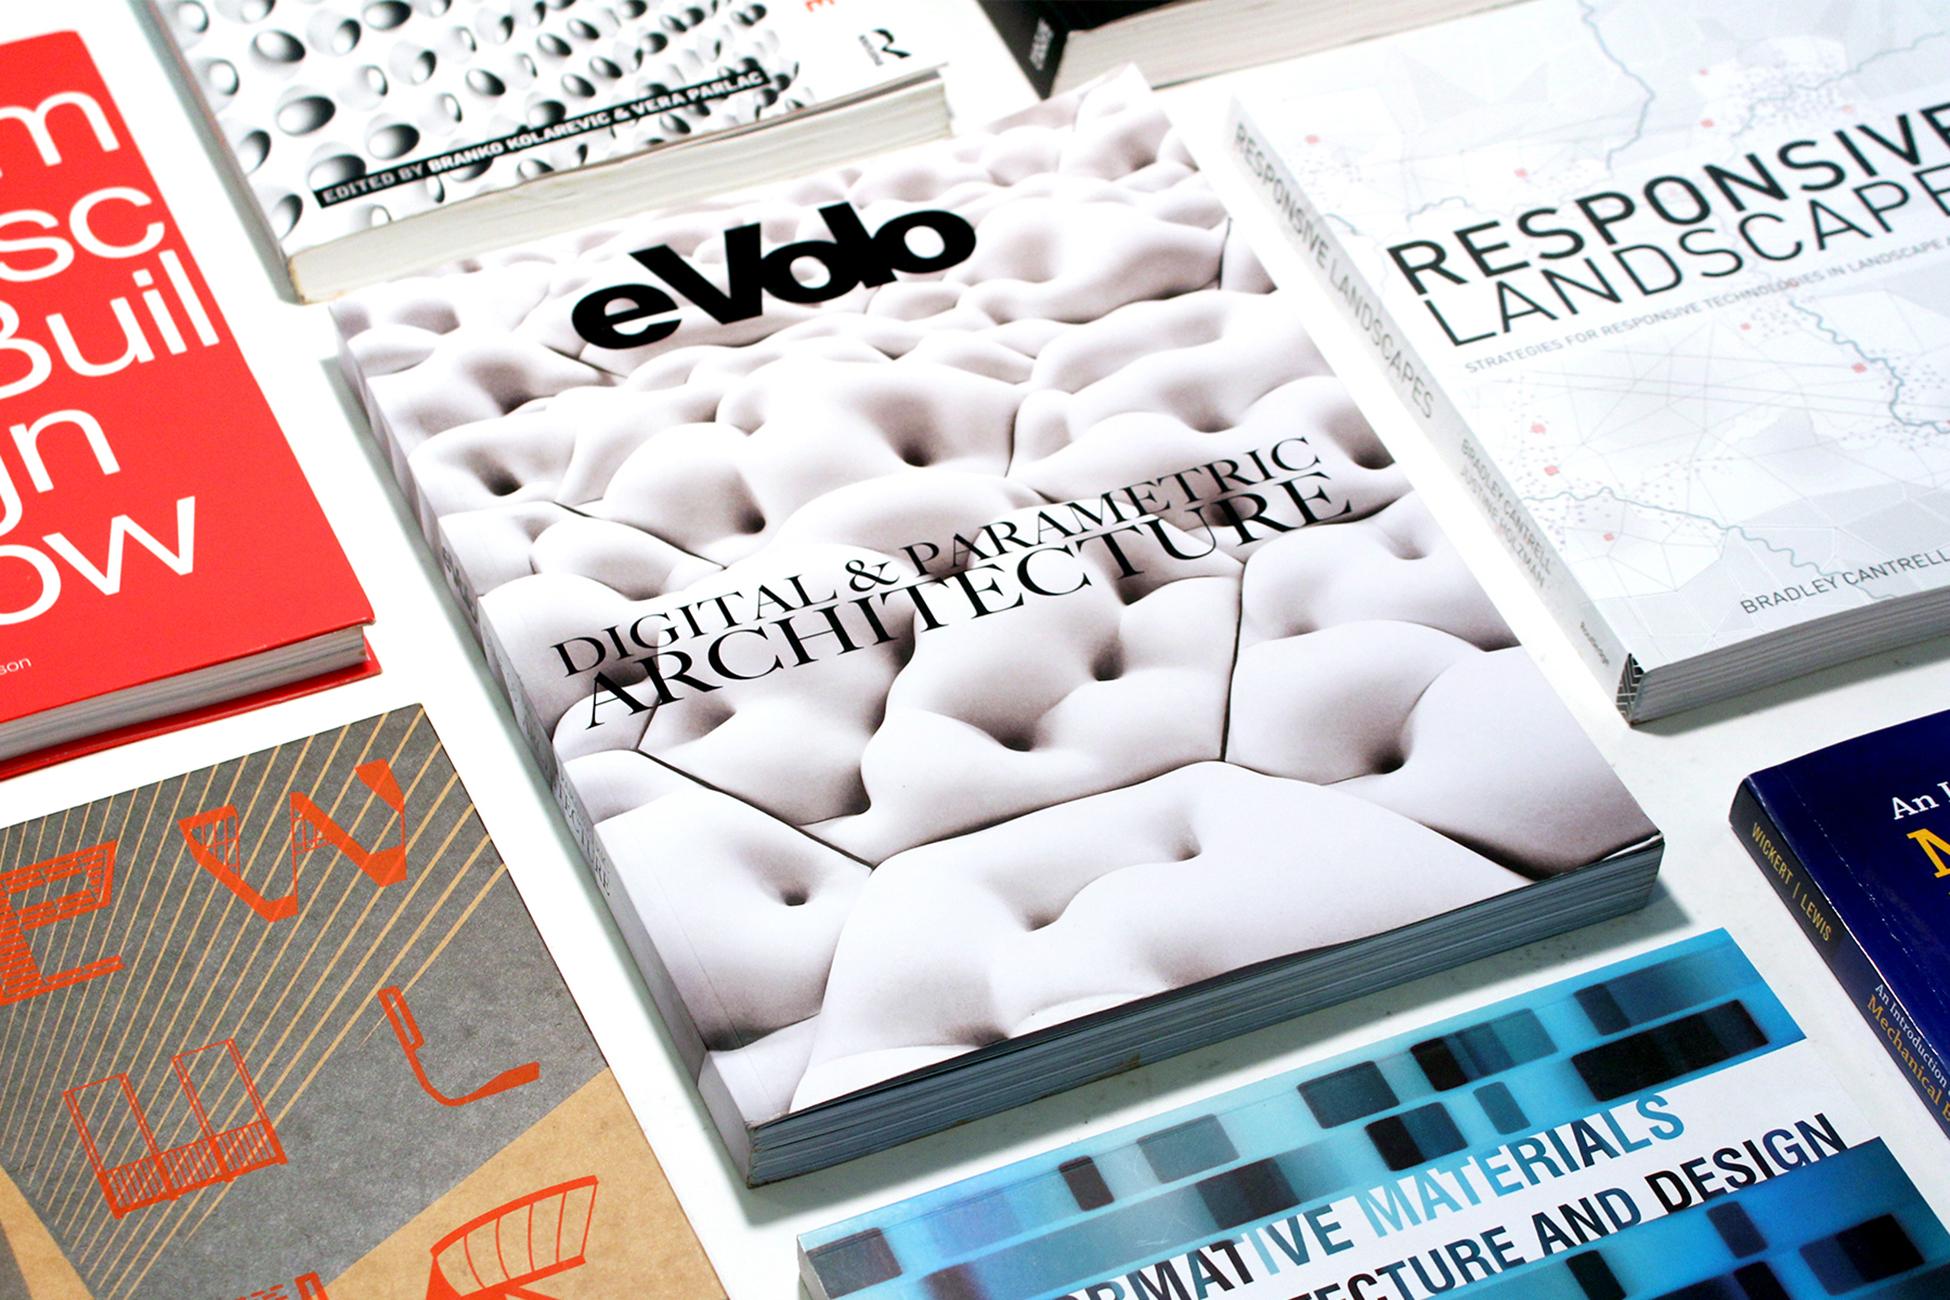 2013 Evolo